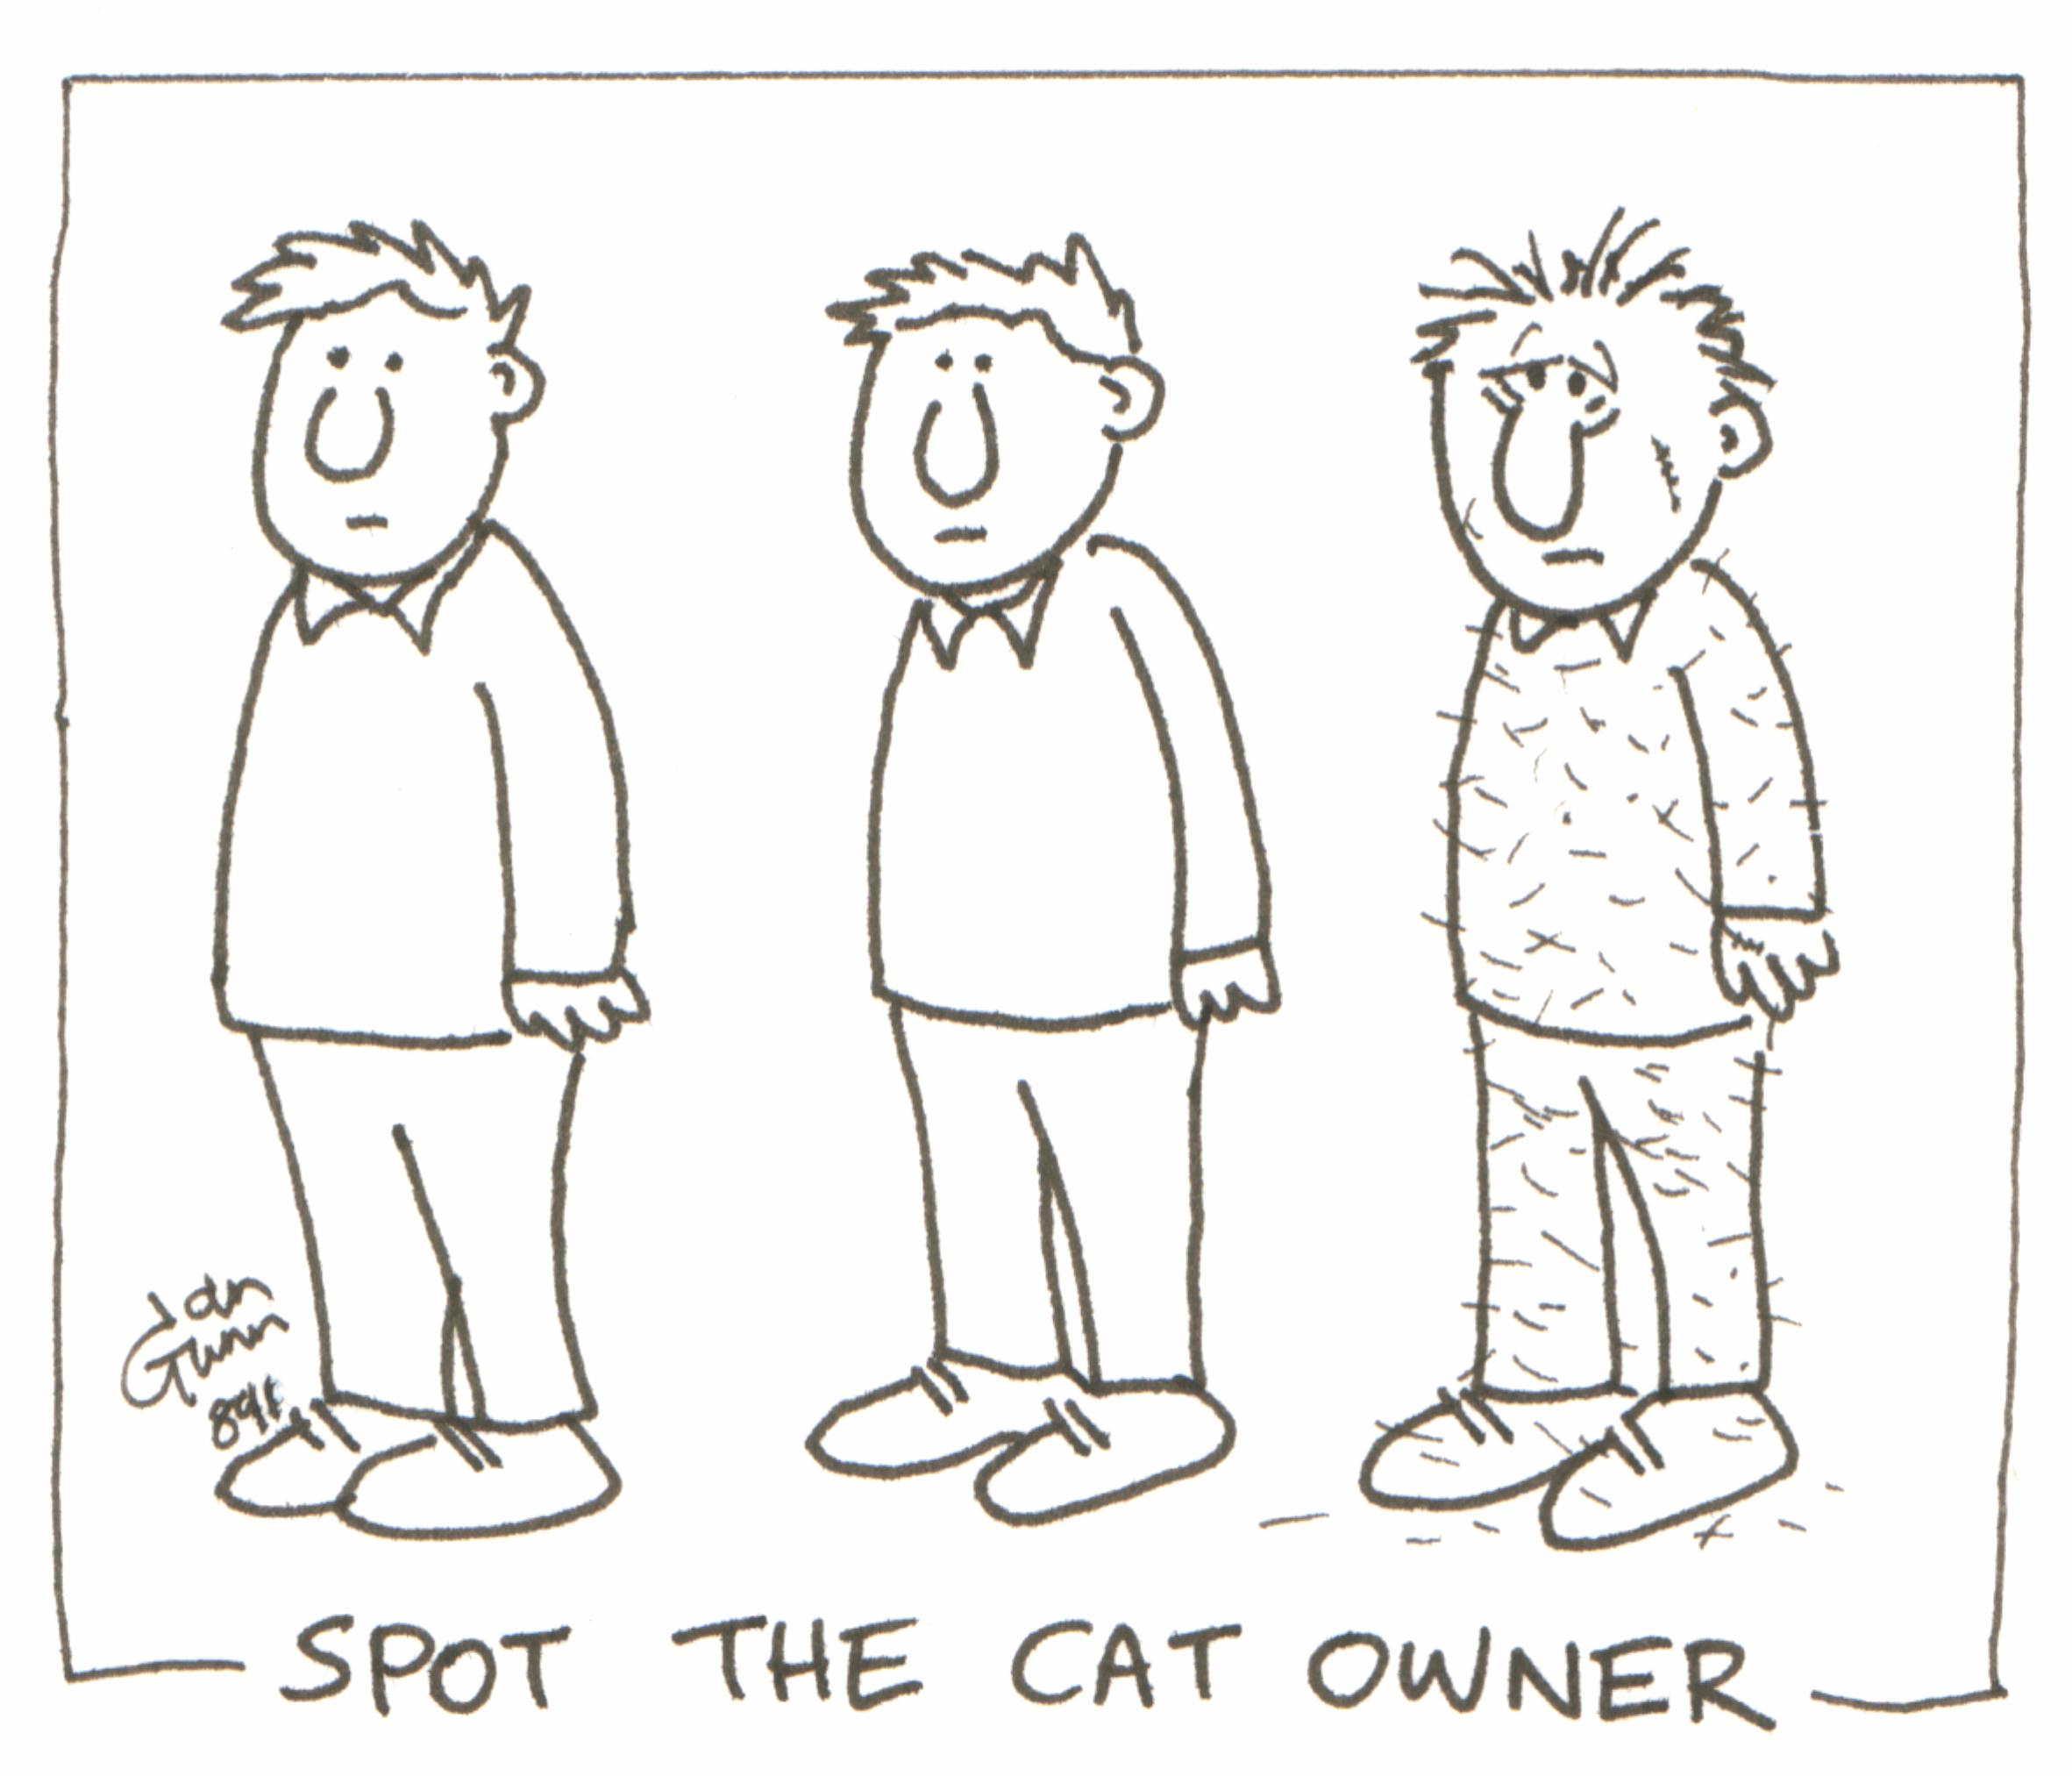 spot the cat owner by Ian Gunn